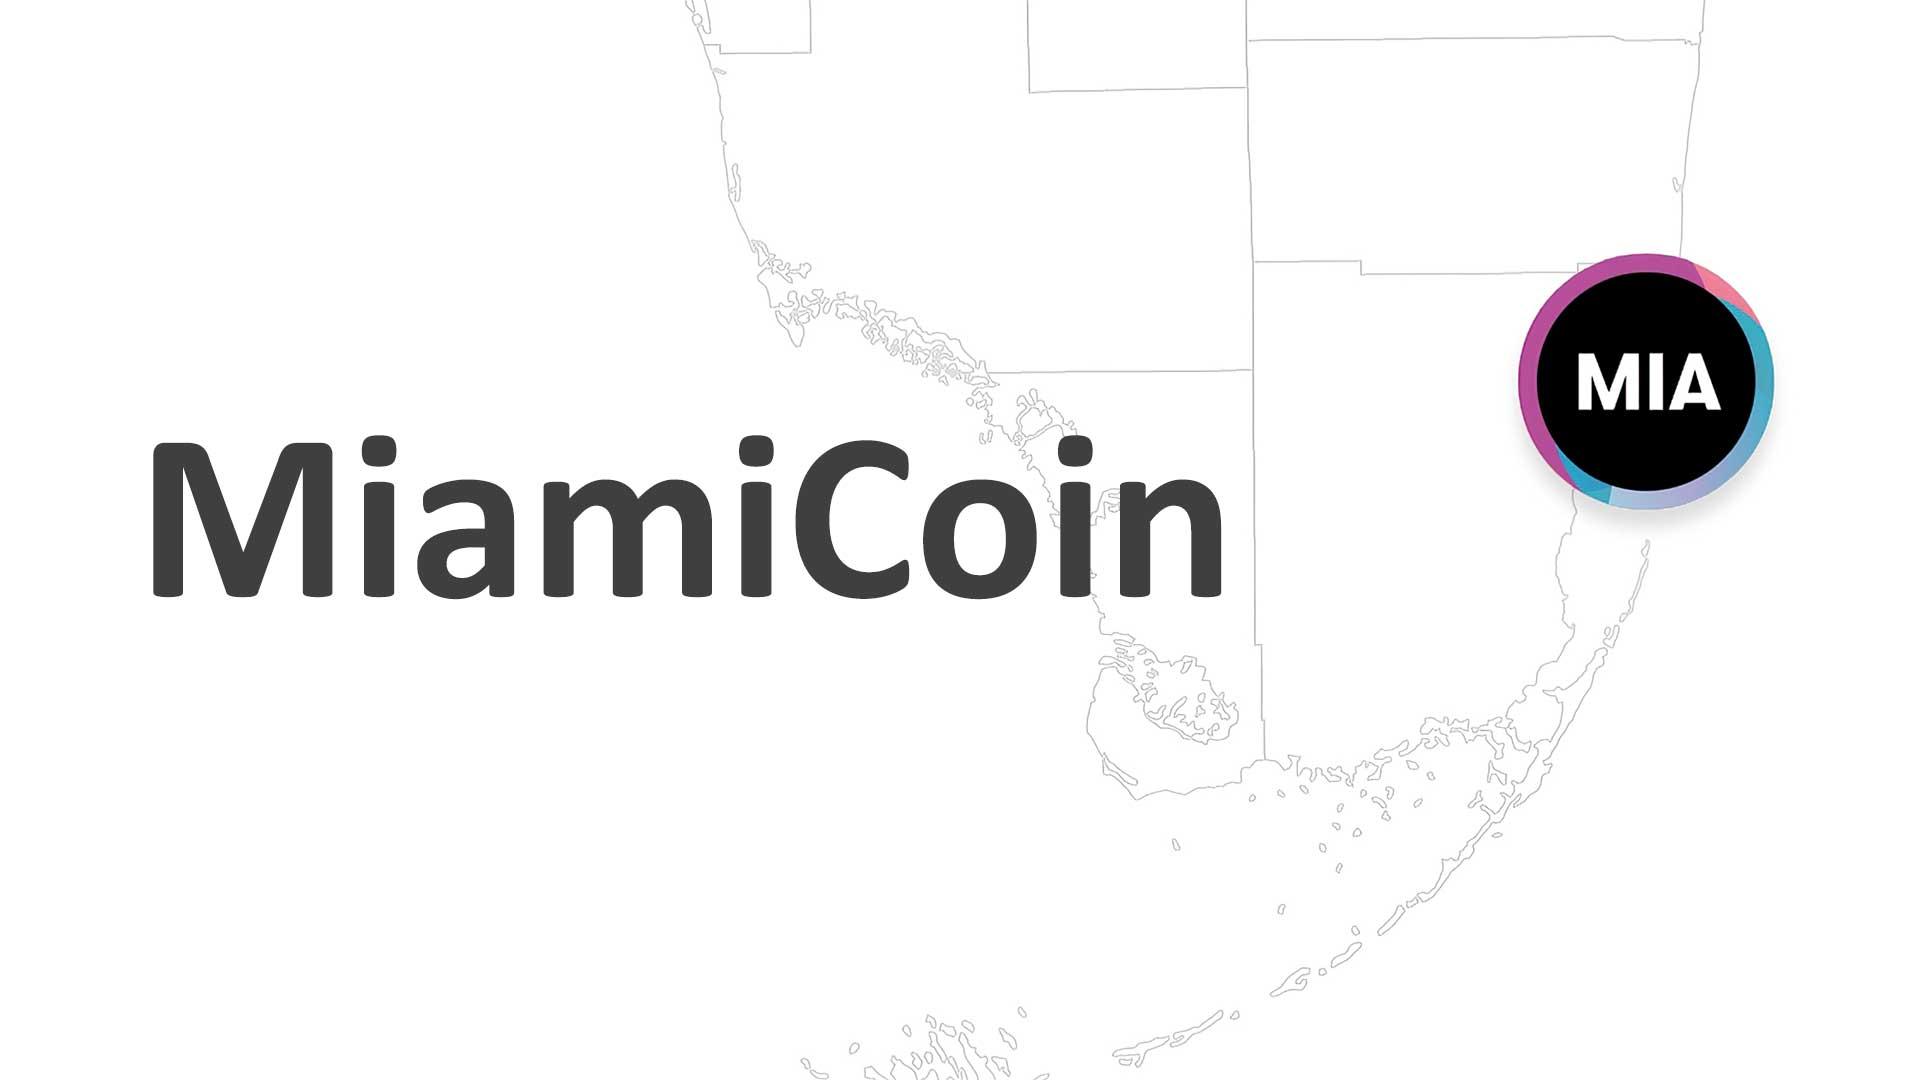 Мэр Майами: MiamiCoin набирает популярность быстрее BTC